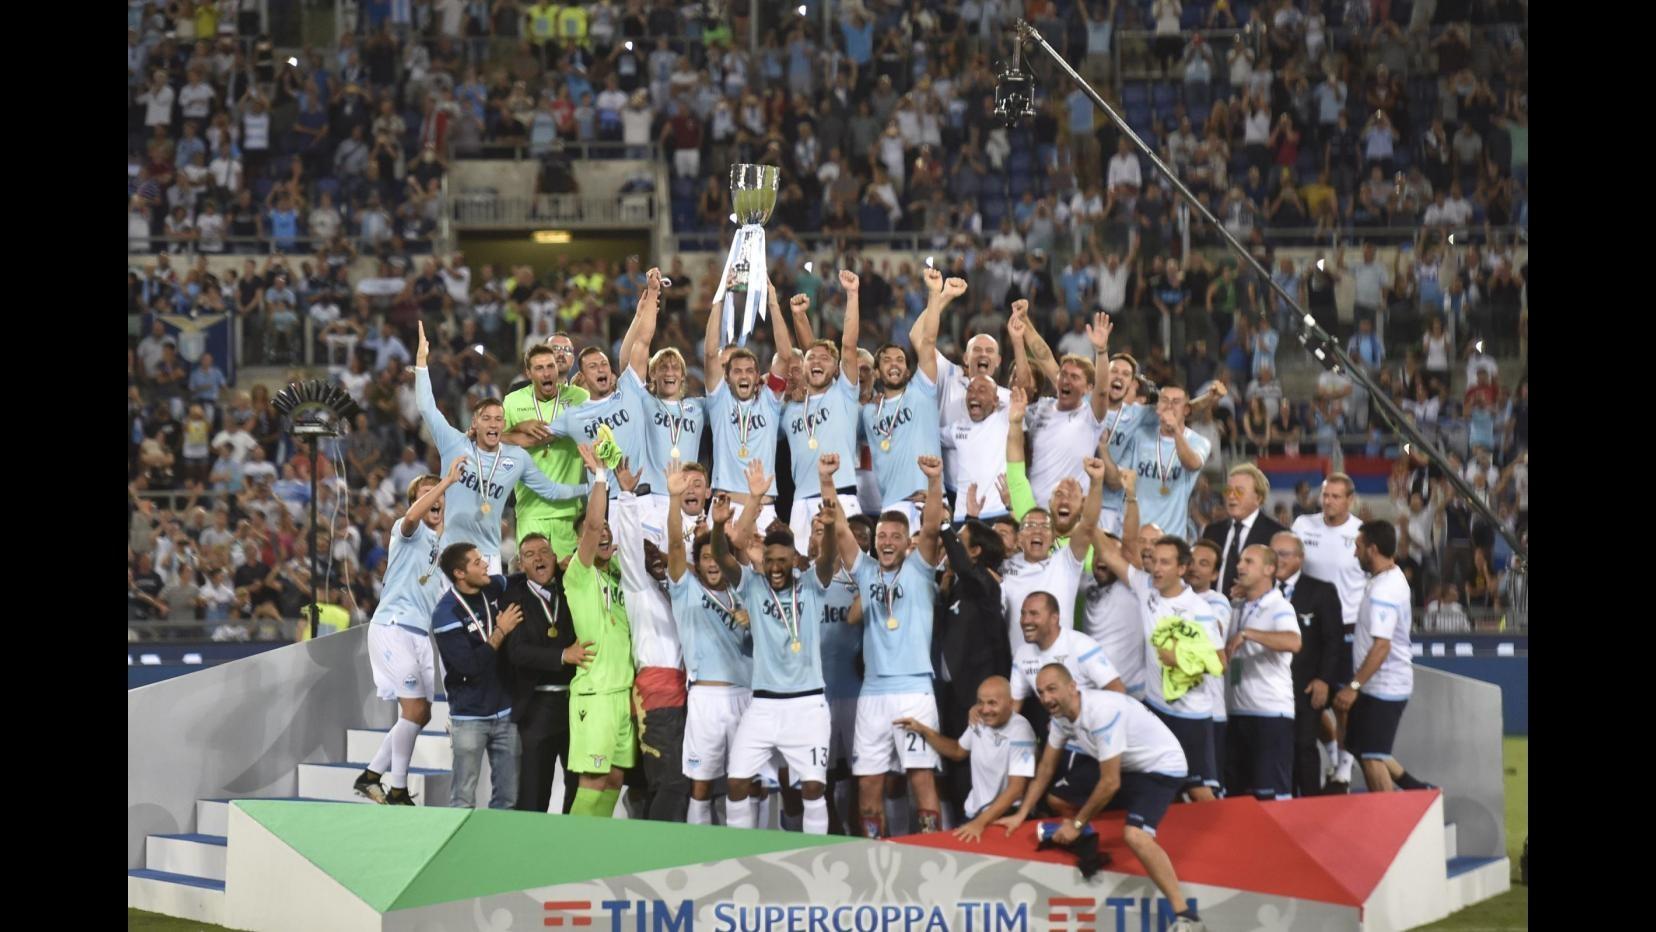 FOTO Supercoppa 2017, la vittoria della Lazio